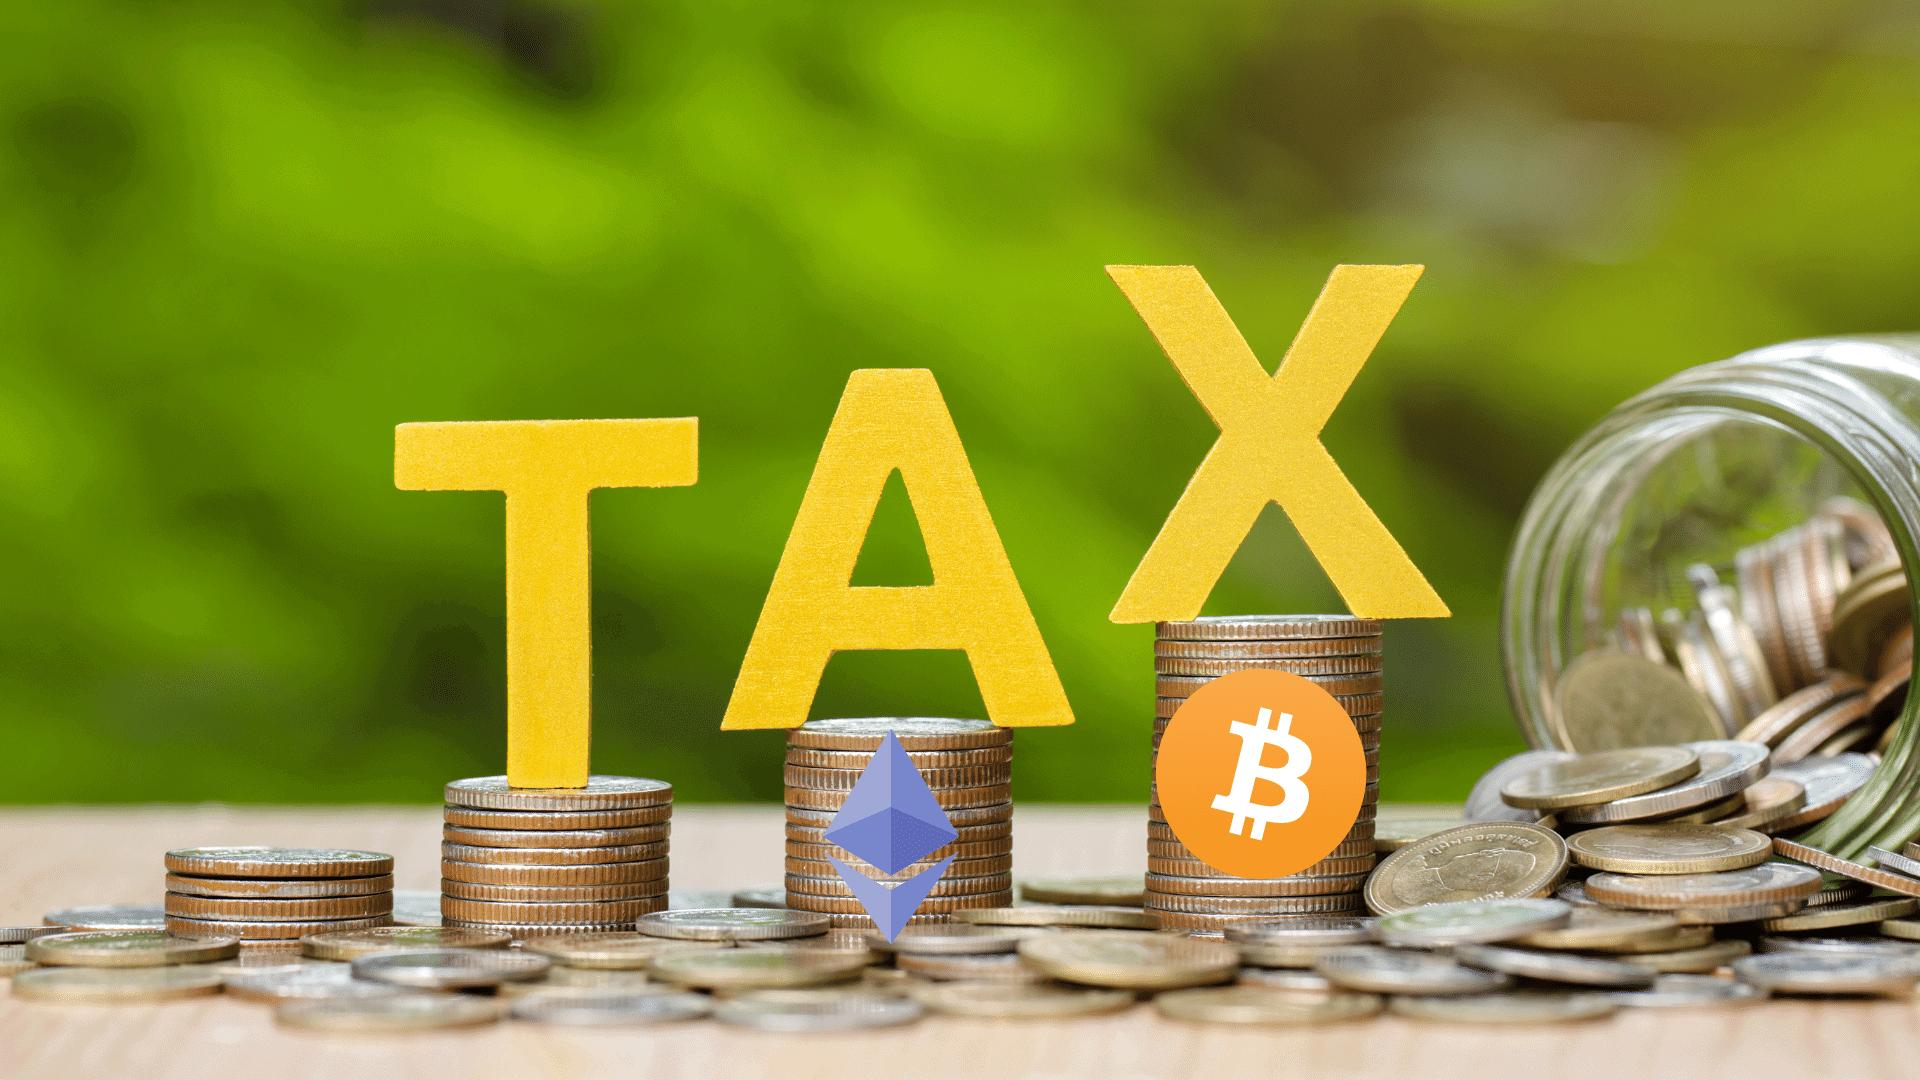 Steuern Tax Bitcoin Ethereum